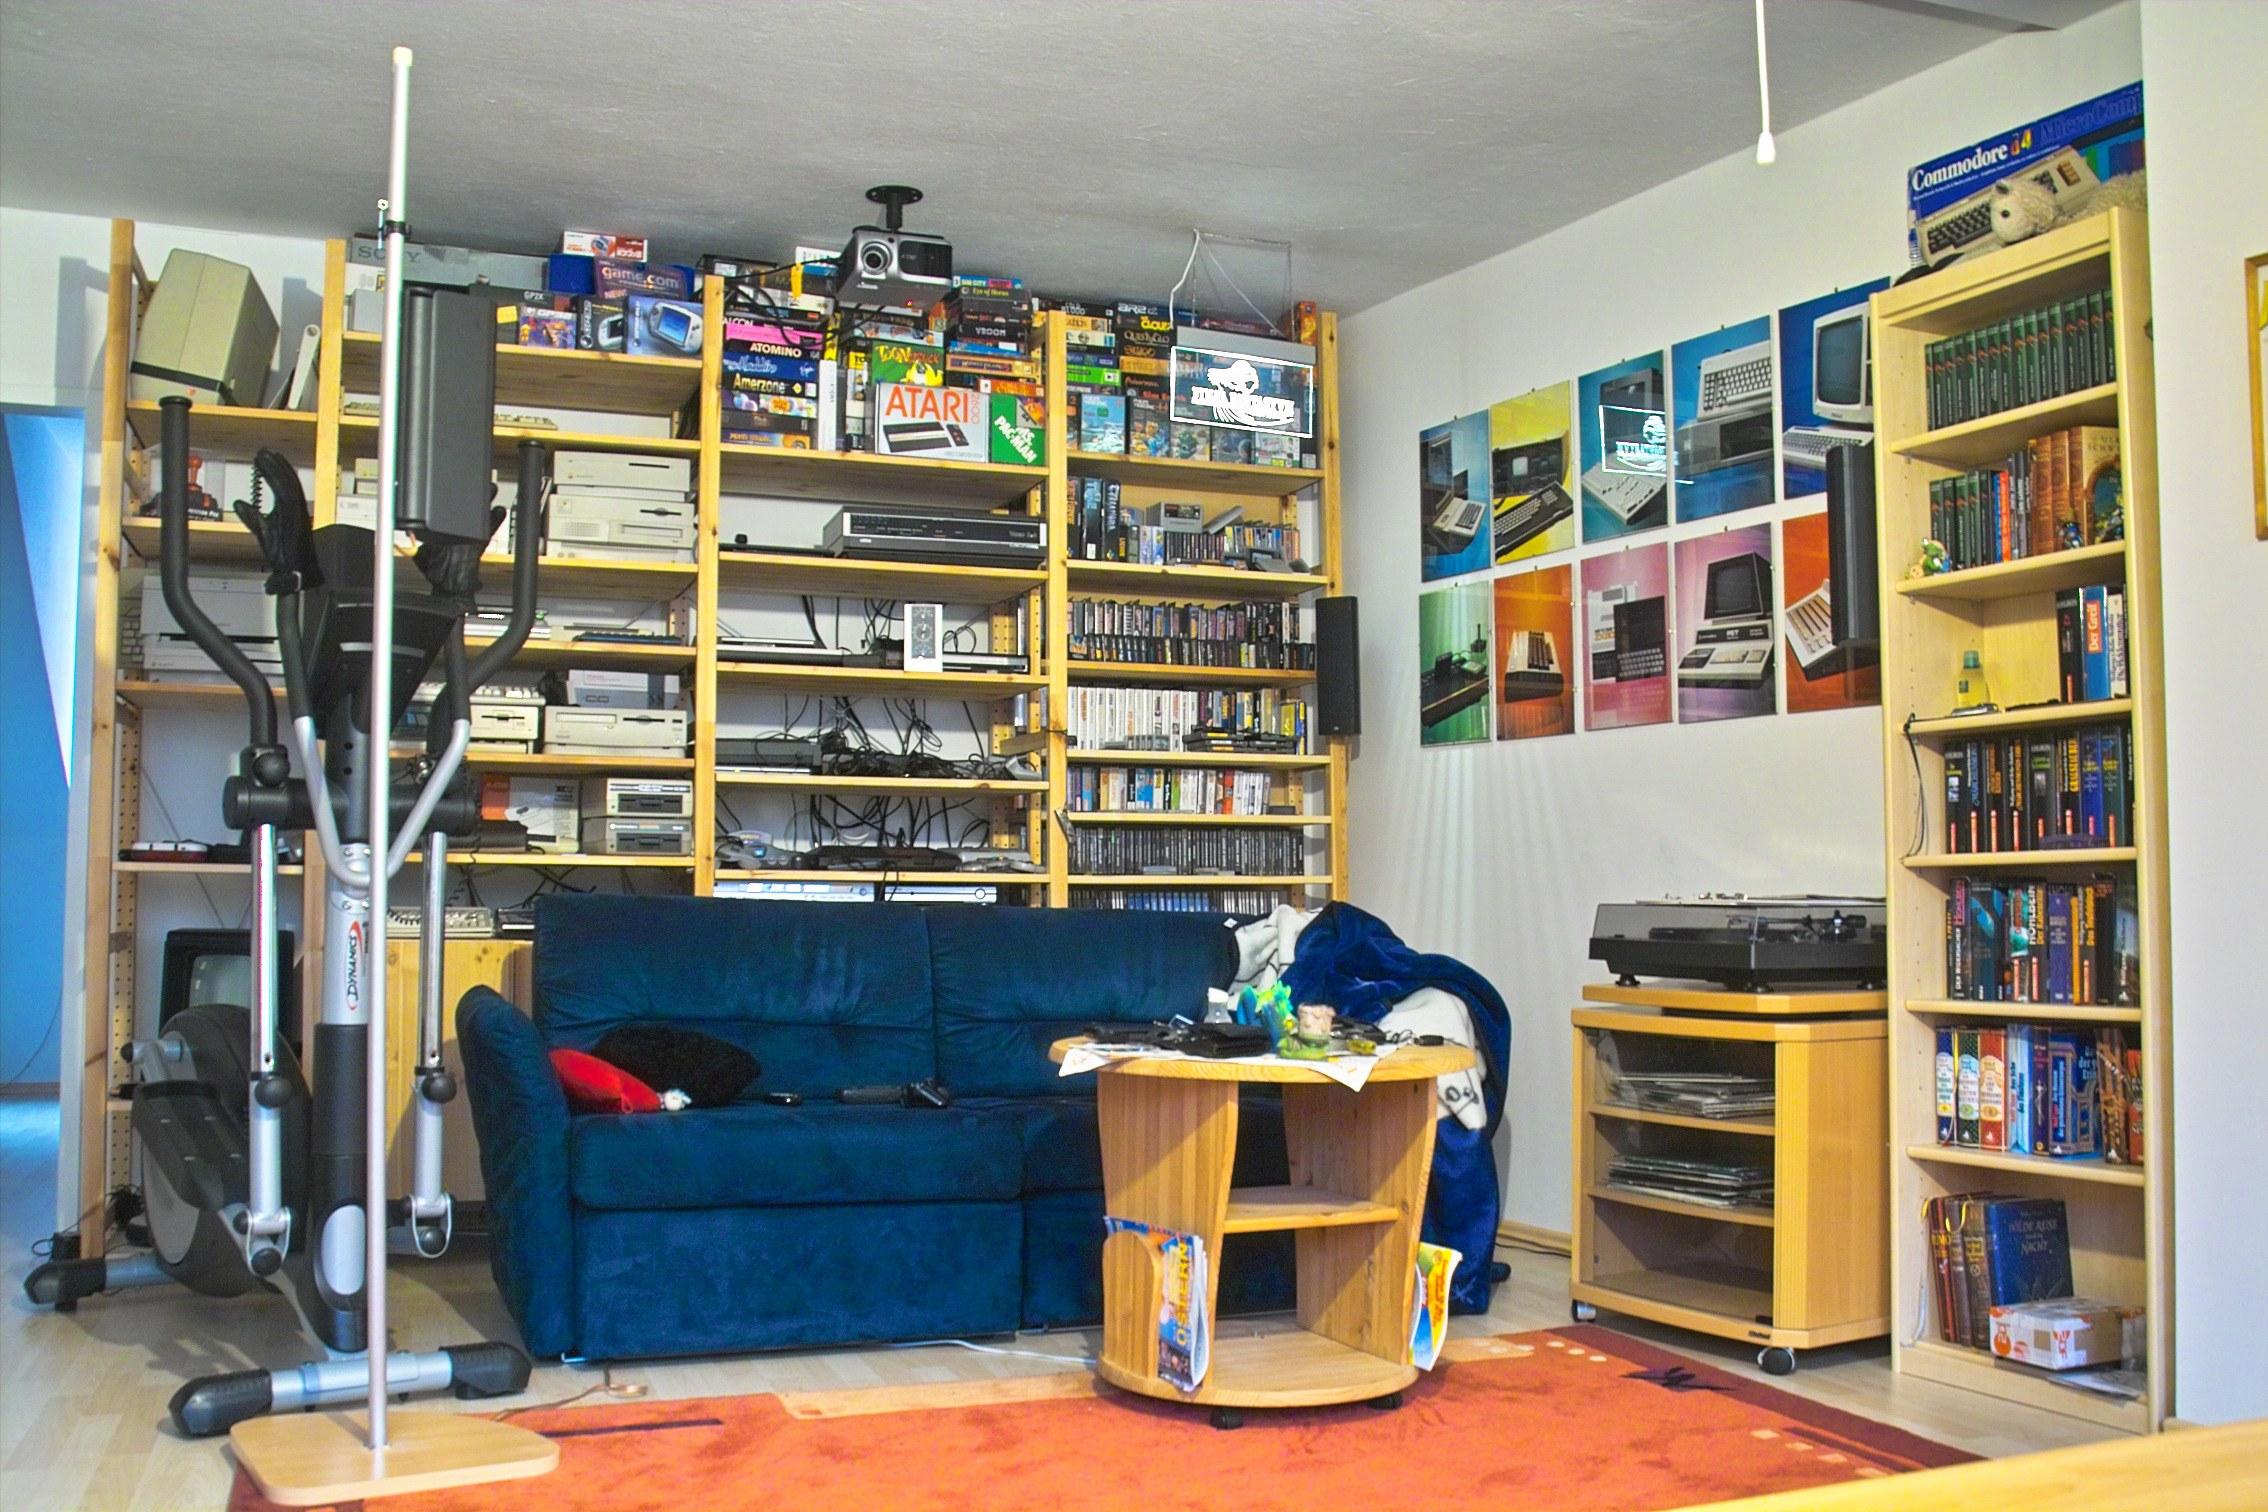 Wohnzimmer retro style inspiration f r die gestaltung der besten r ume - Wohnzimmer im retro look ...